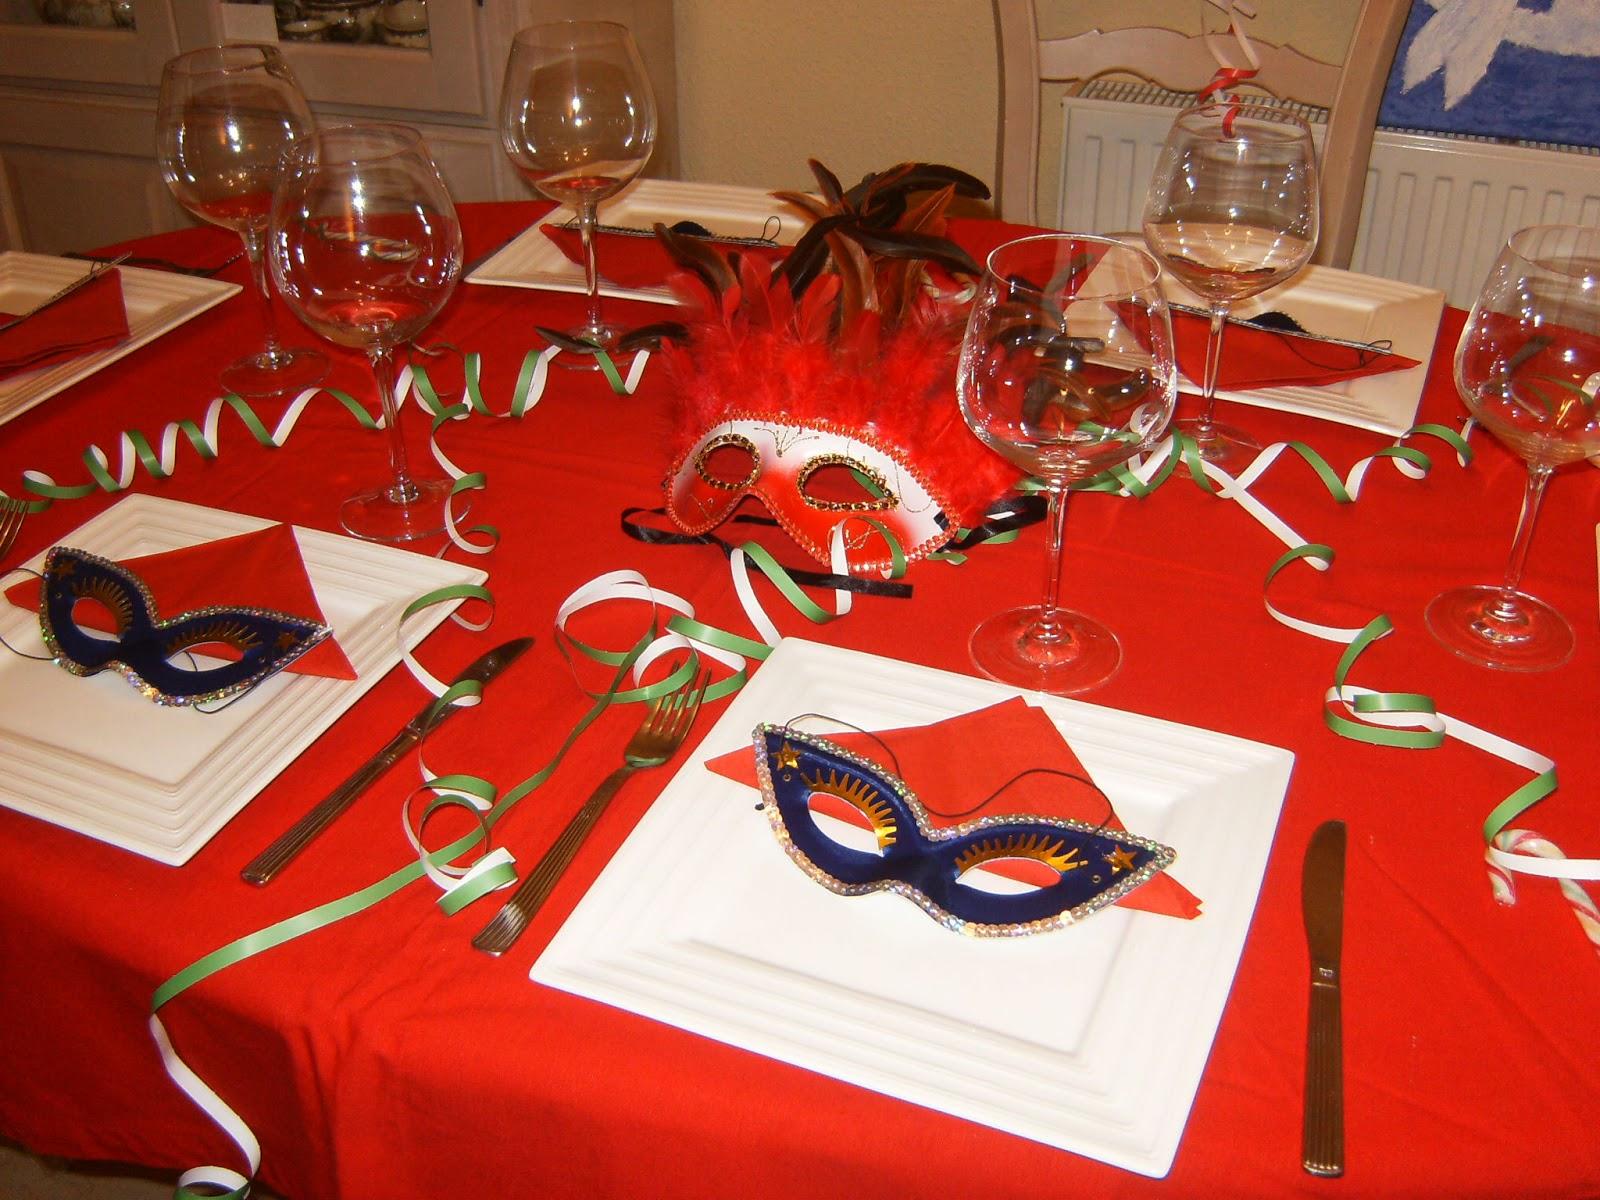 Todos la mesa ideas para fiestas carnaval - Mascaras venecianas decoracion ...